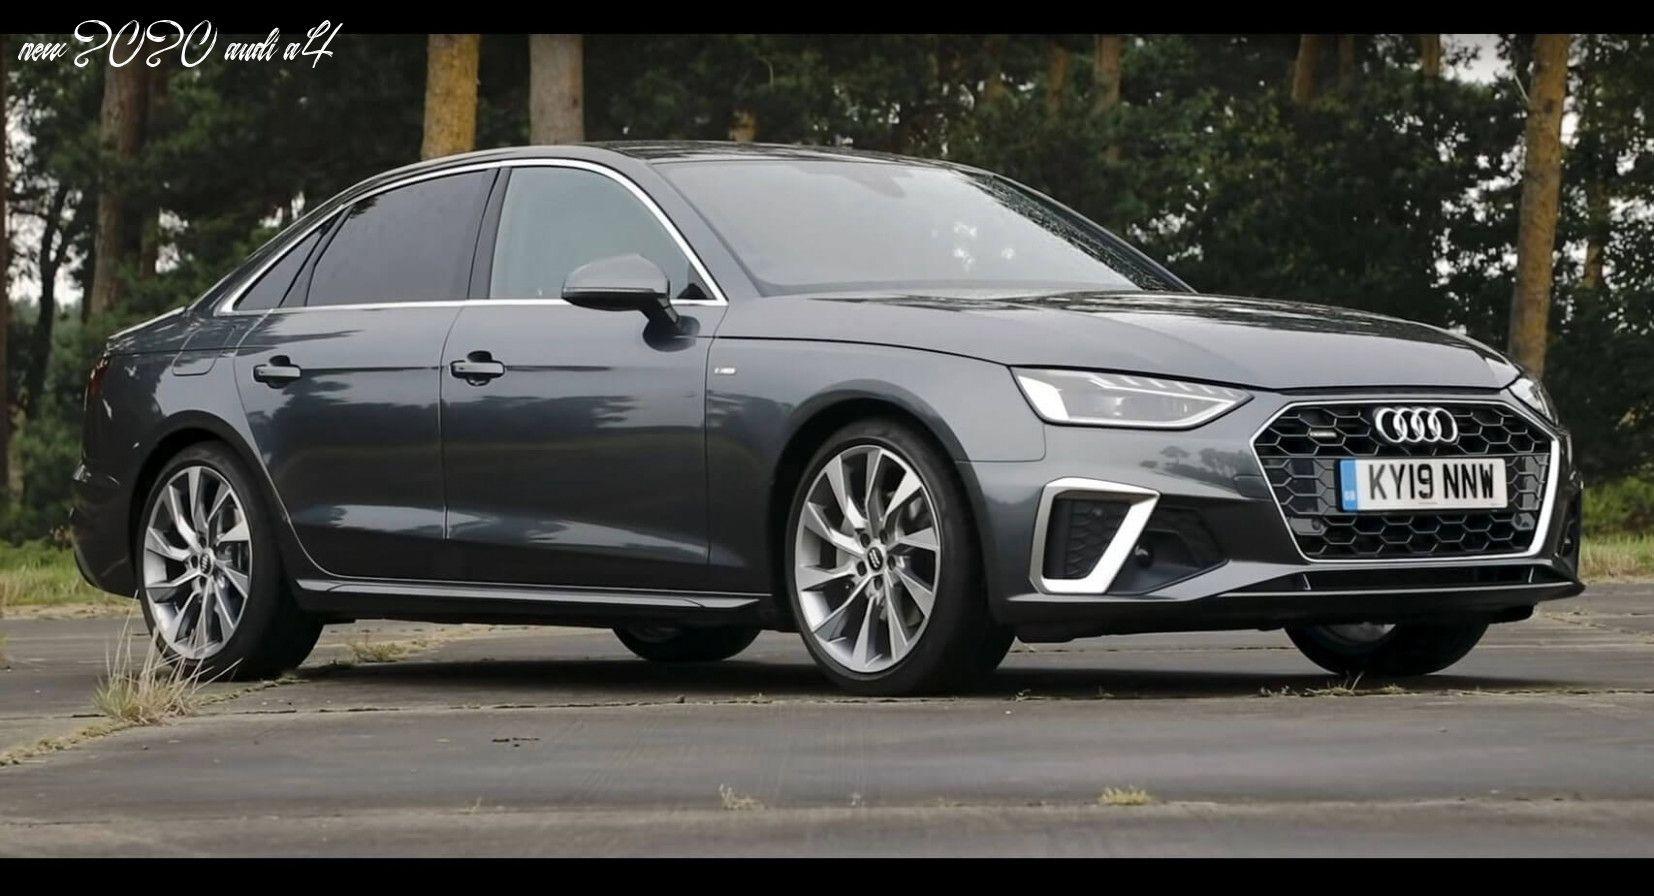 New 2020 Audi A4 In 2020 Audi A4 Audi Audi Sedan